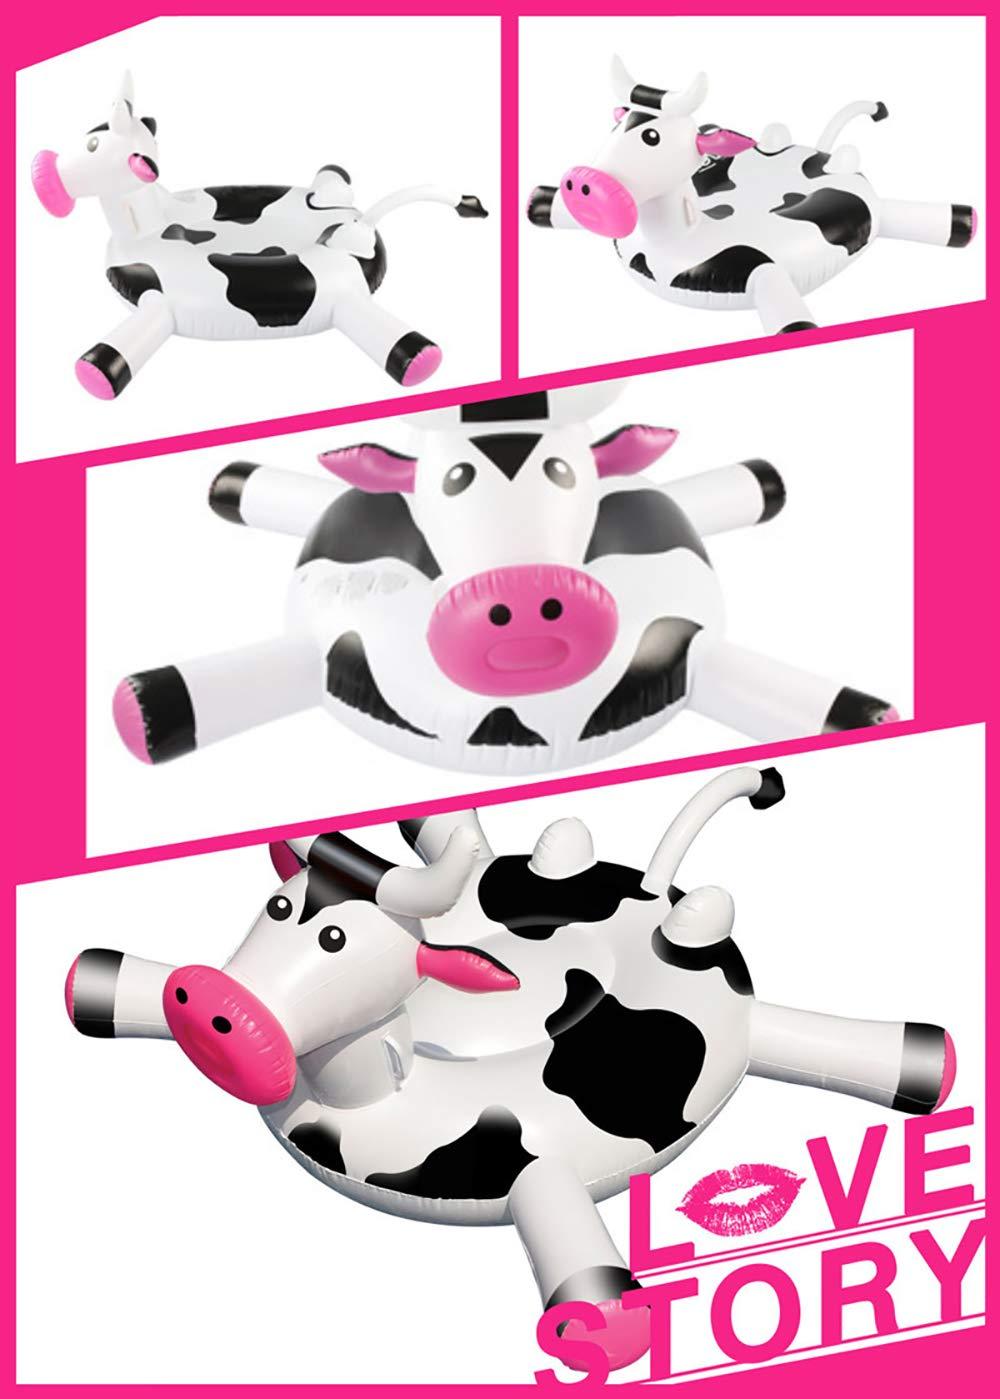 PinkDreamland Bola de Flotador de la Piscina, Juguete Inflable de la Cama Flotante de la Vaca (170 x 140 x 90 cm): Amazon.es: Hogar